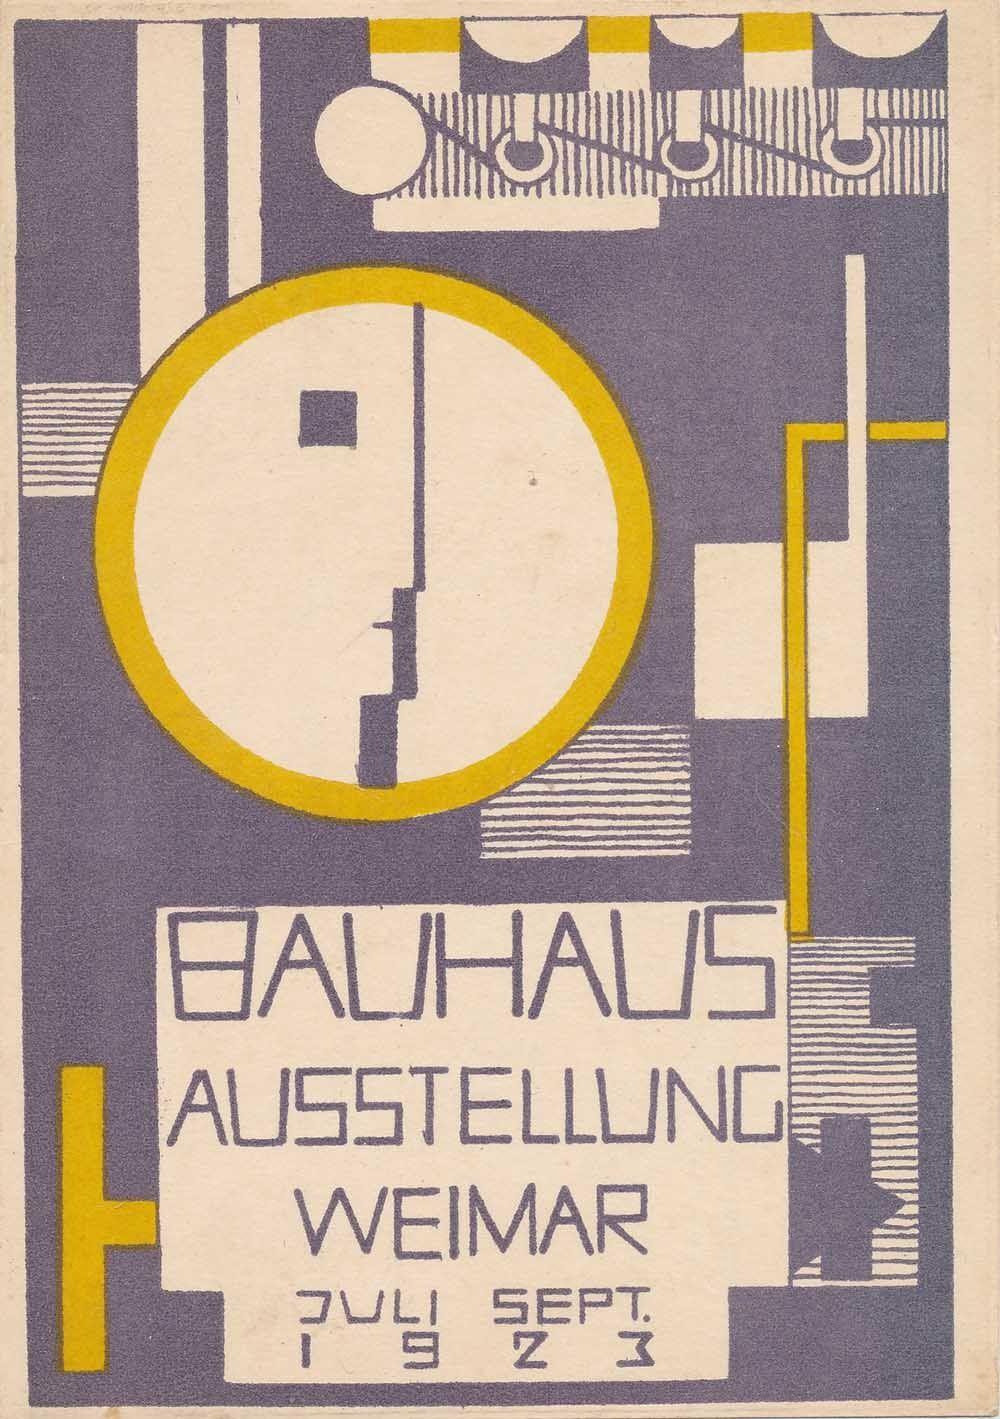 Bauhaus Ausstellung Weimar 1923 Karte 10 In 2020 Ausstellung Weimar Cover Design